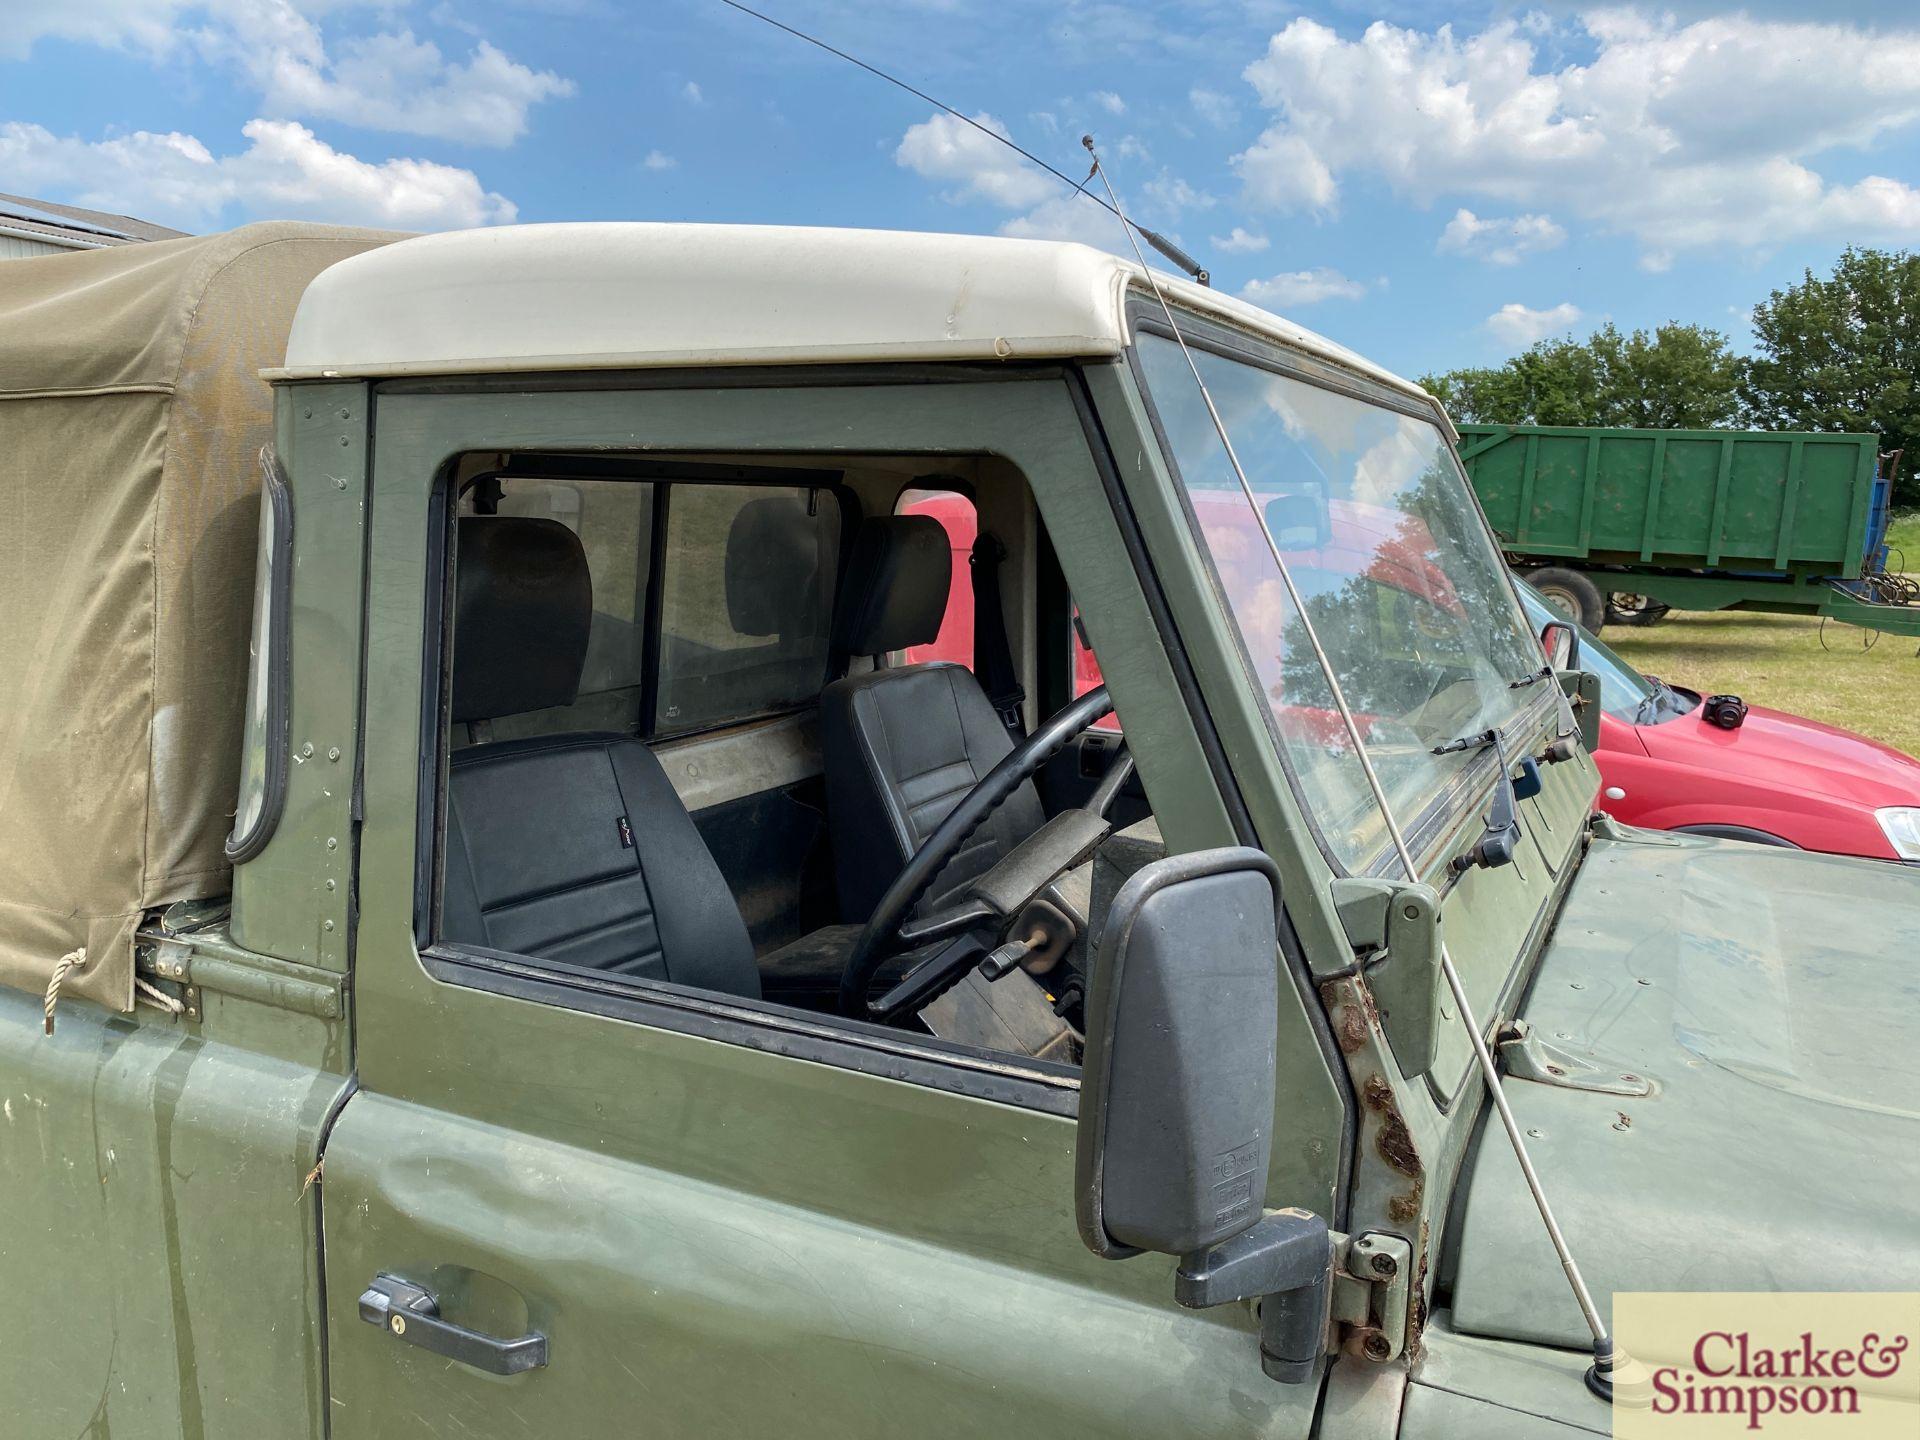 Land Rover Defender 110 single cab pick-up. Registration H317 OHK. Date of first registration 08/ - Image 30 of 56